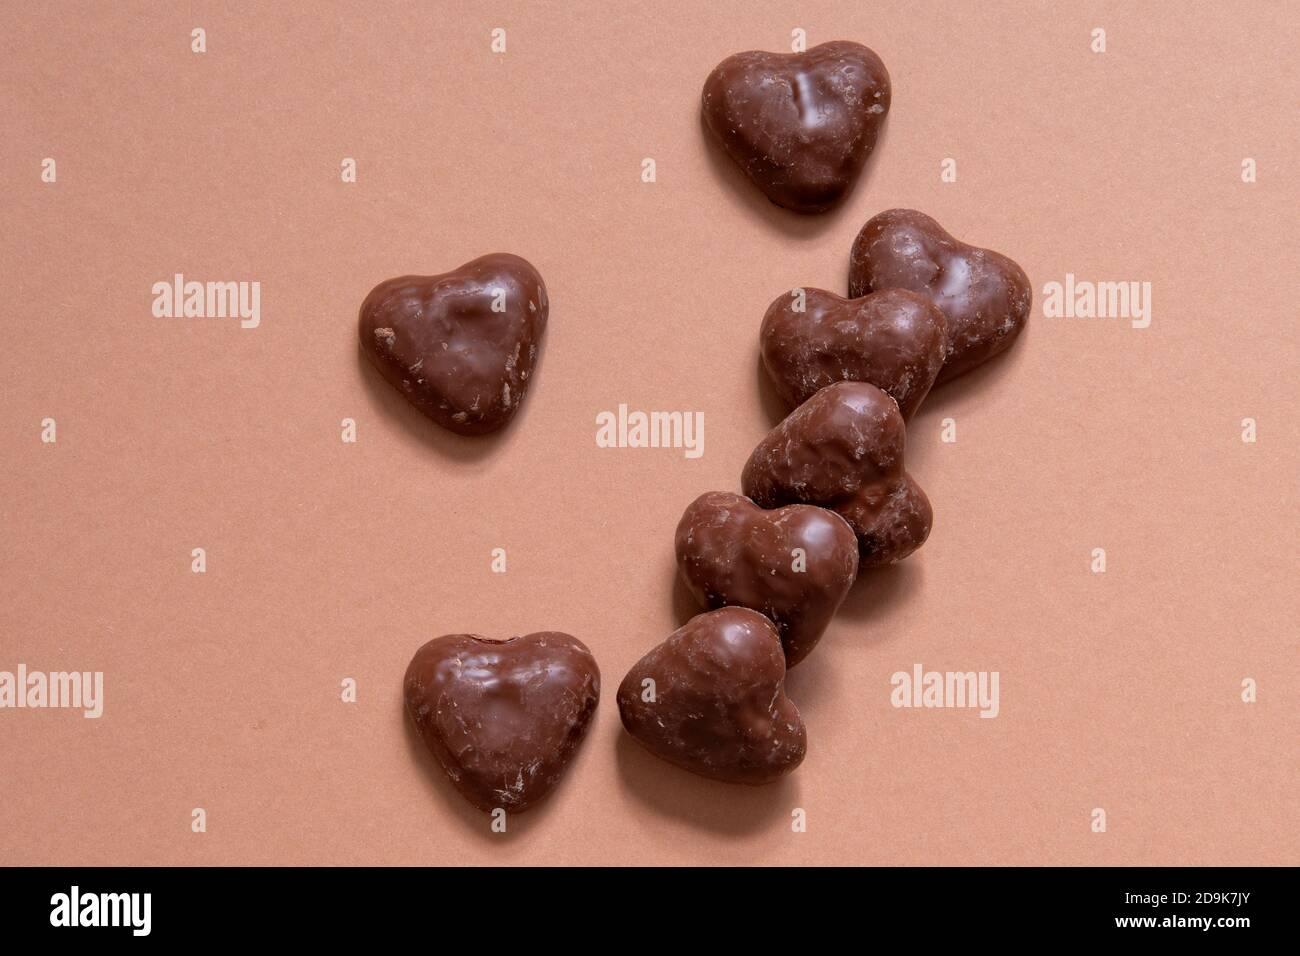 https www alamyimages fr coeurs de pain d epice enrobes de chocolat allemand sur fond de couleur corail pain d epice recouvert de chocolat desert de noel en cas copier l espace image384583107 html